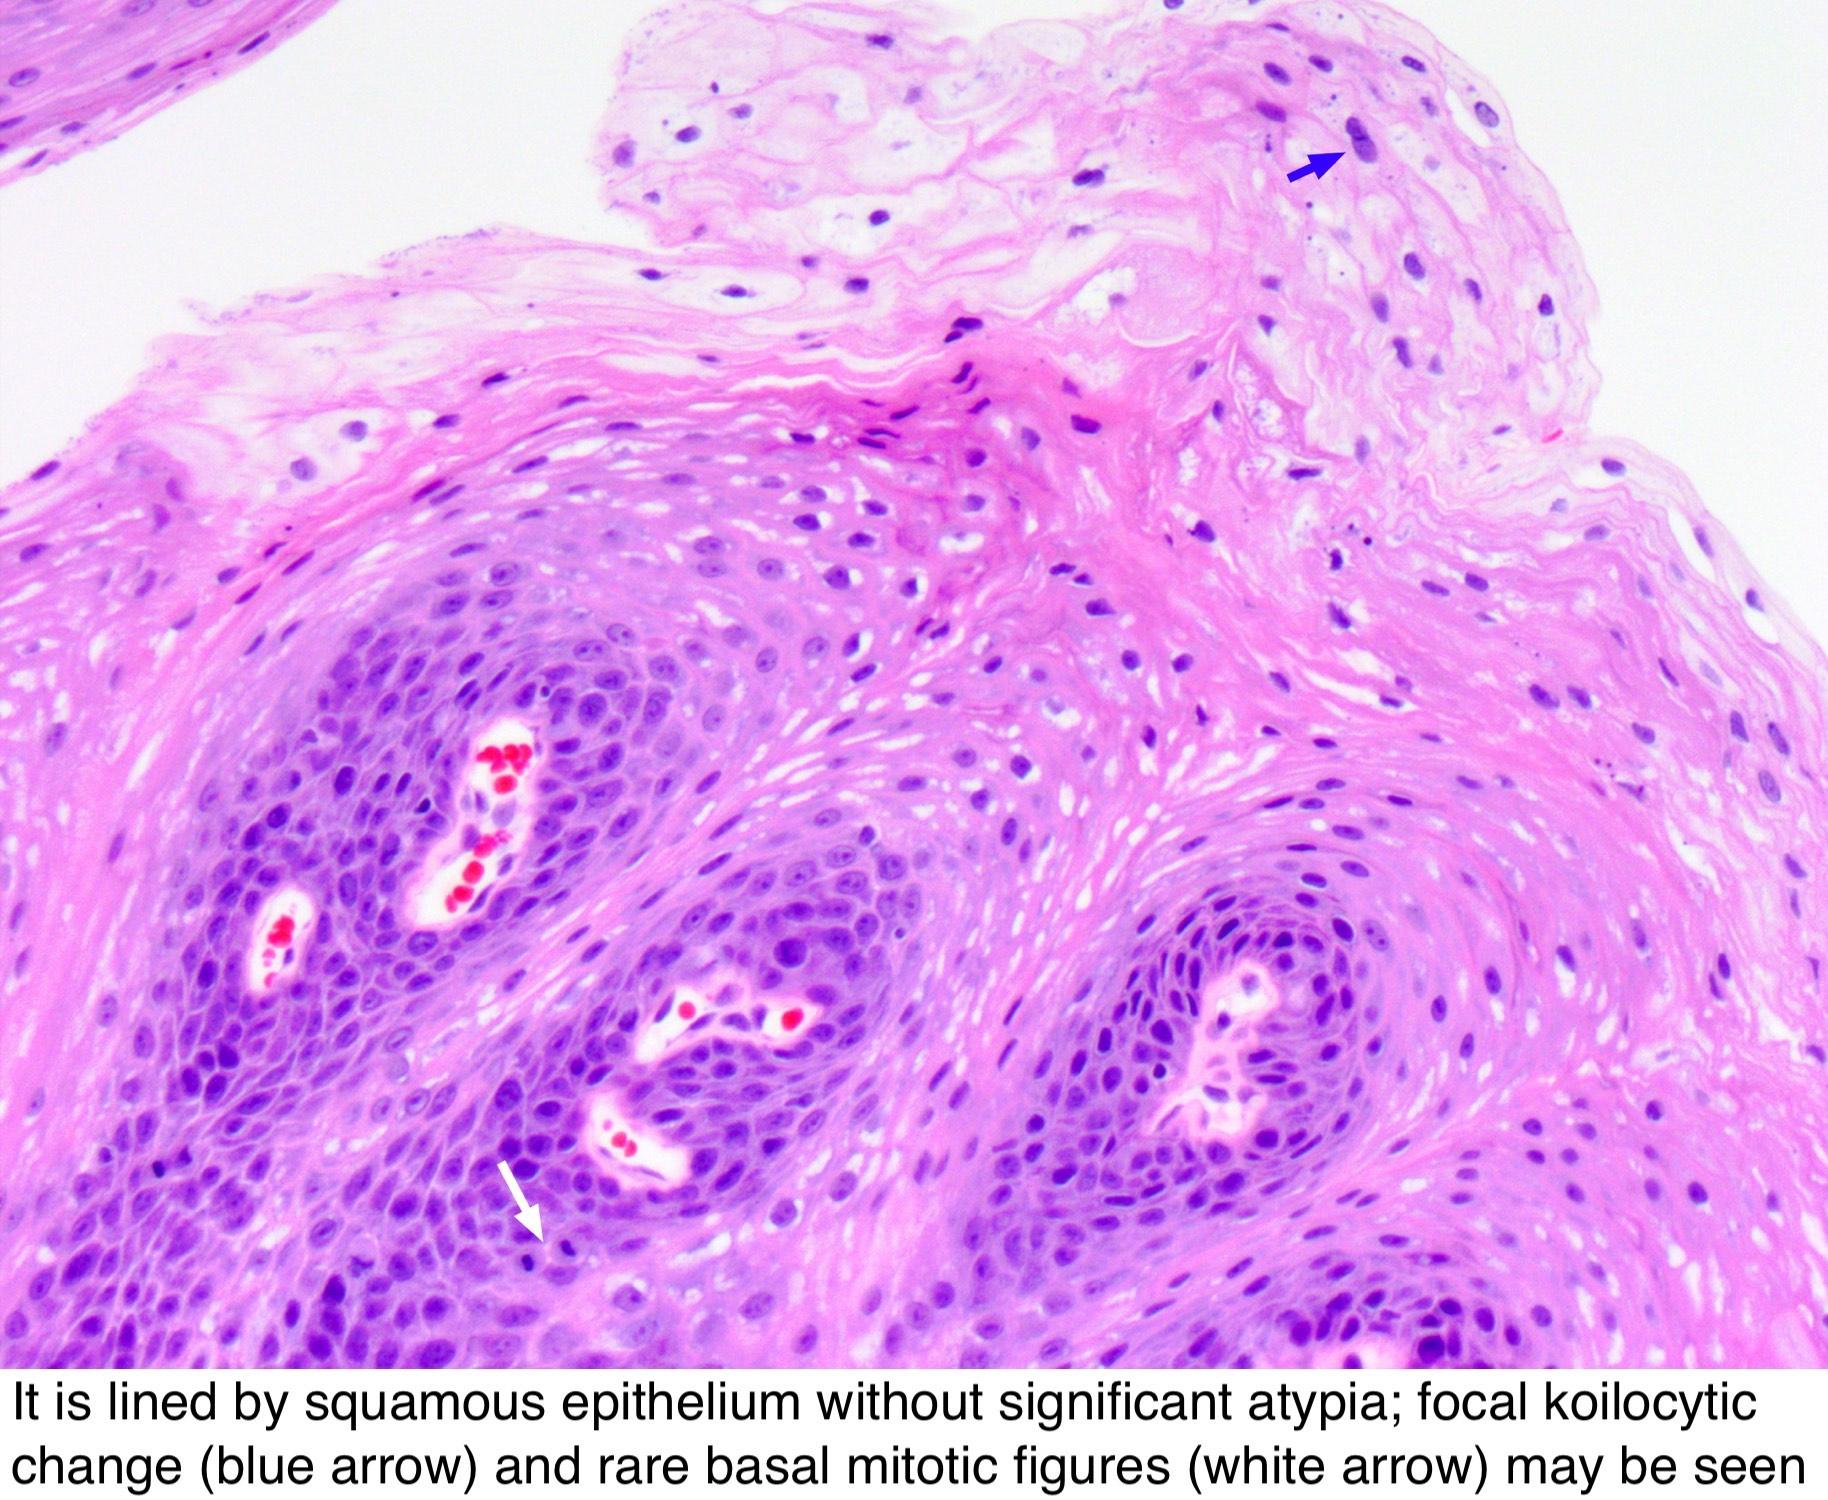 papilloma pathology outlines skin)